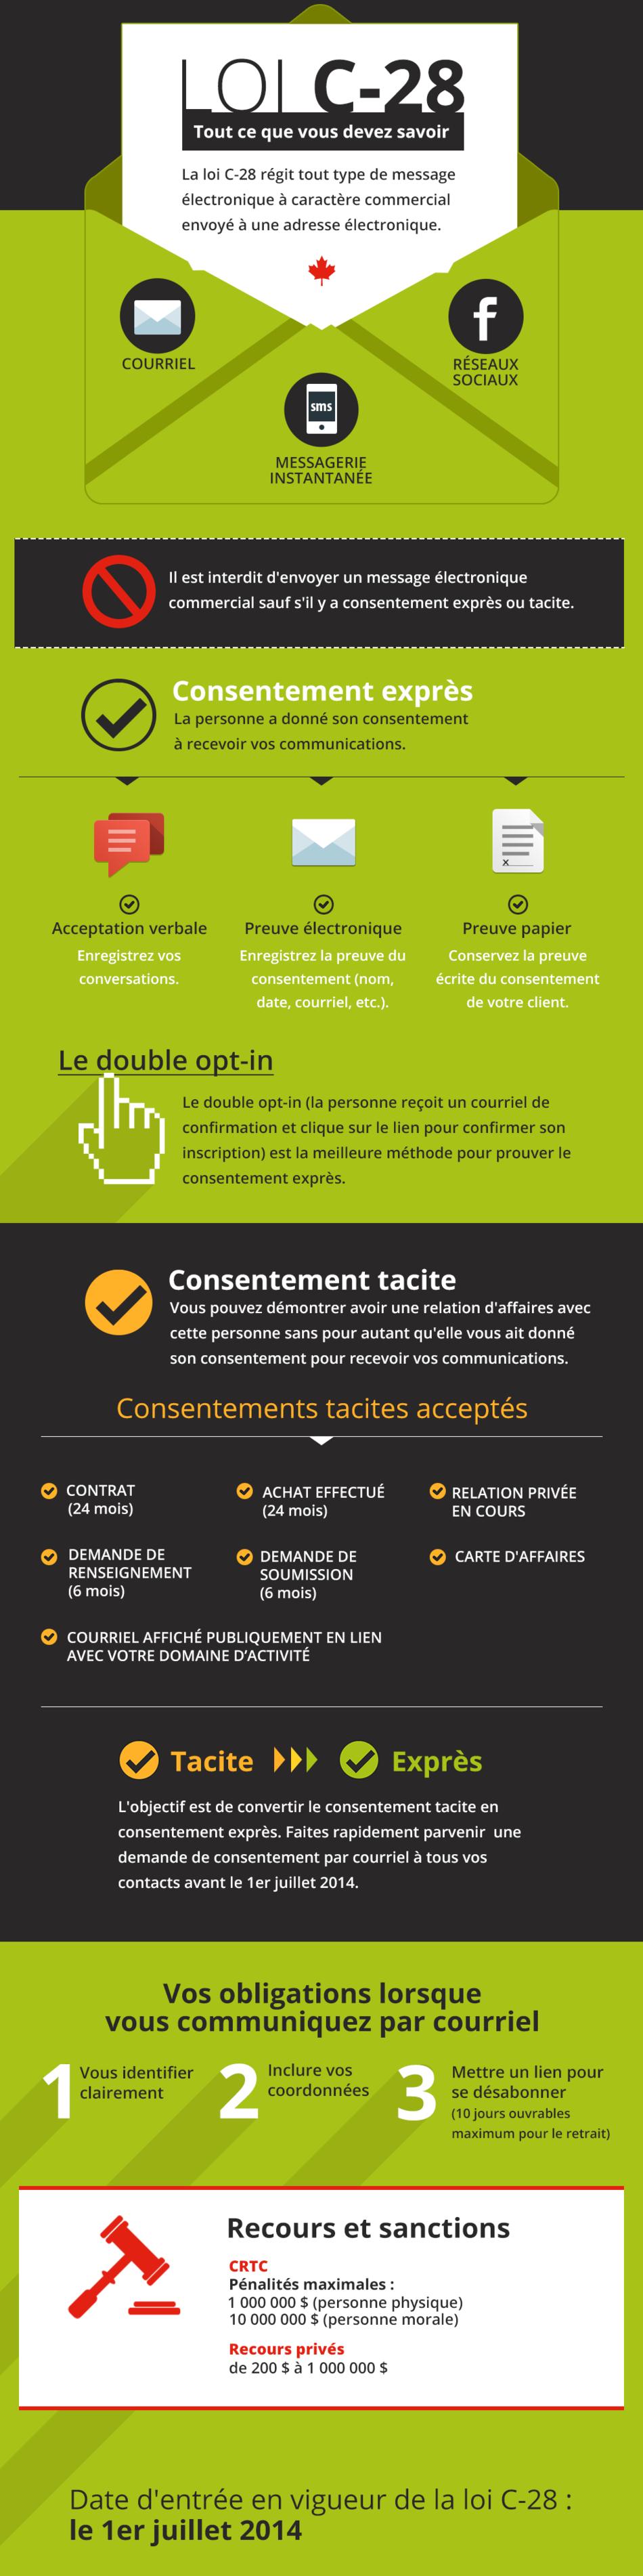 infographie loi anti-pourriels c-28